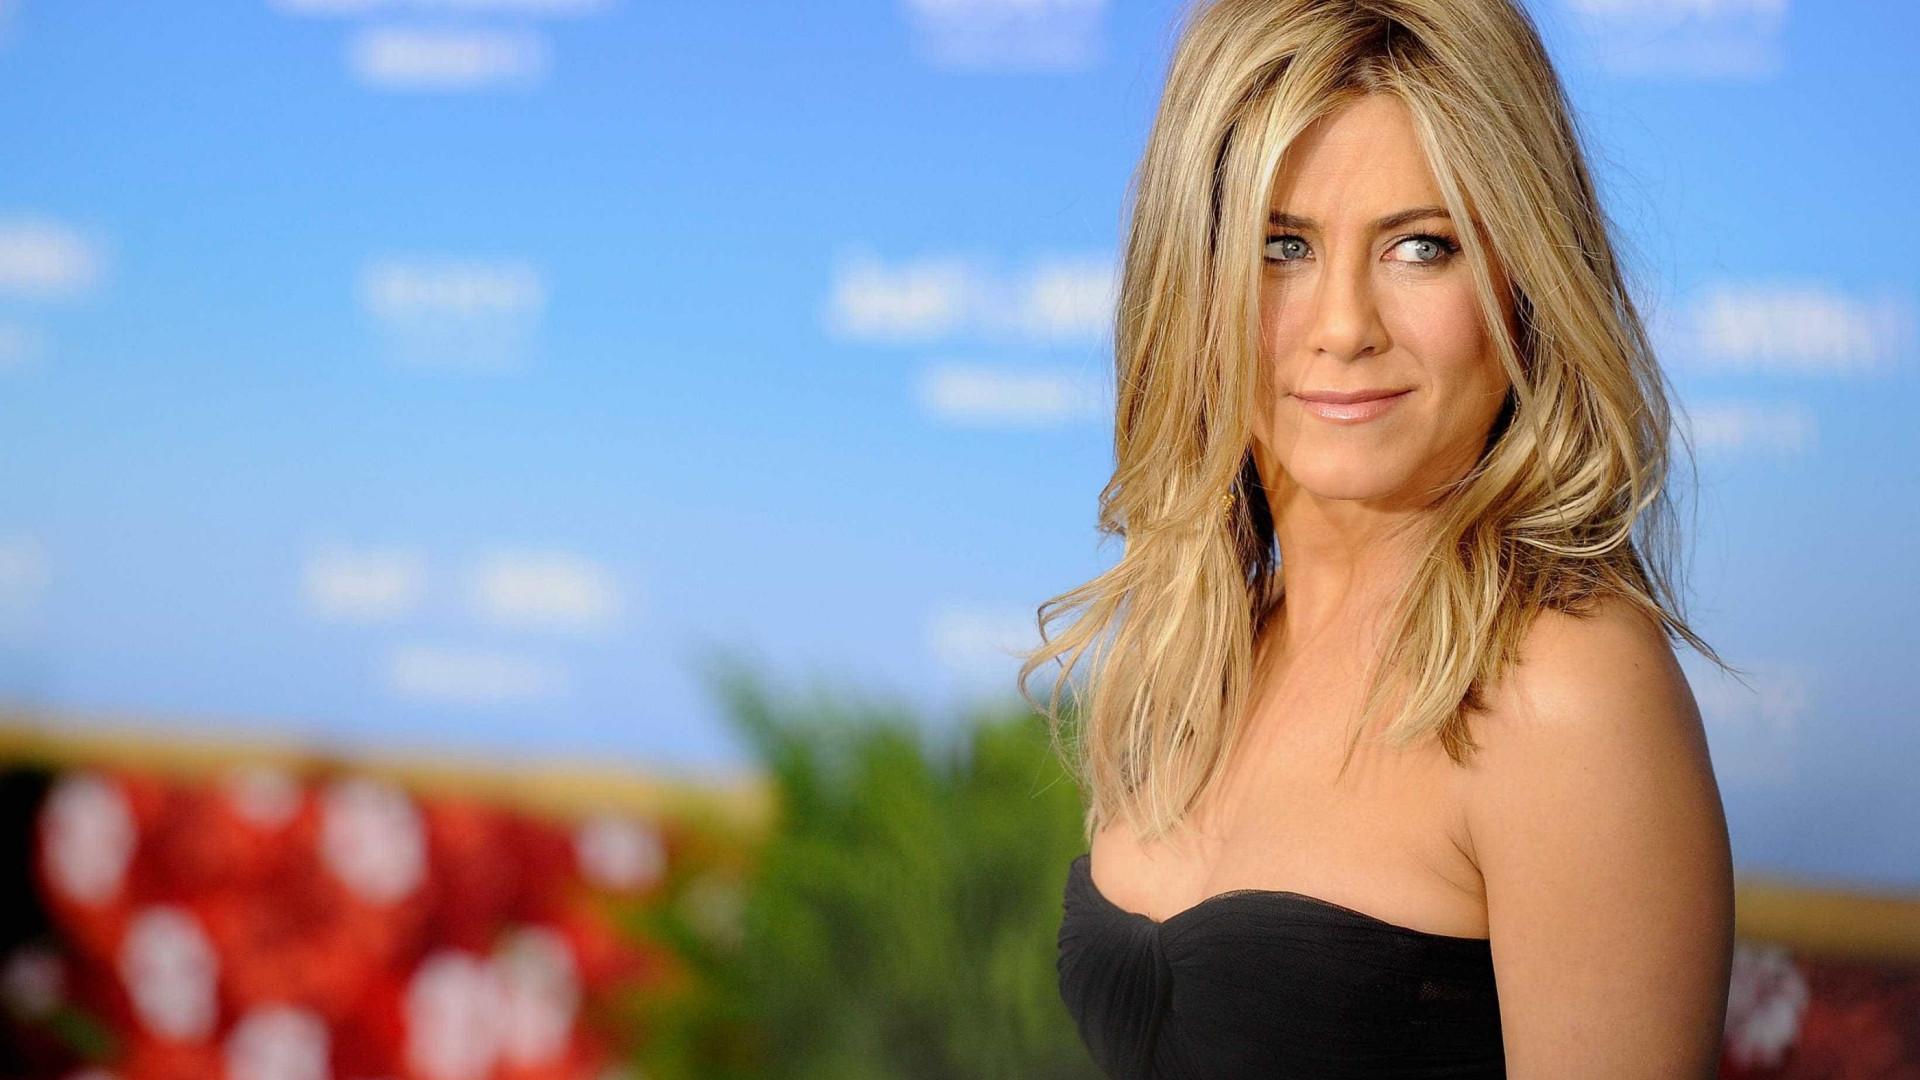 Beirando os 50, Jennifer Aniston fala sobre casamento e maternidade